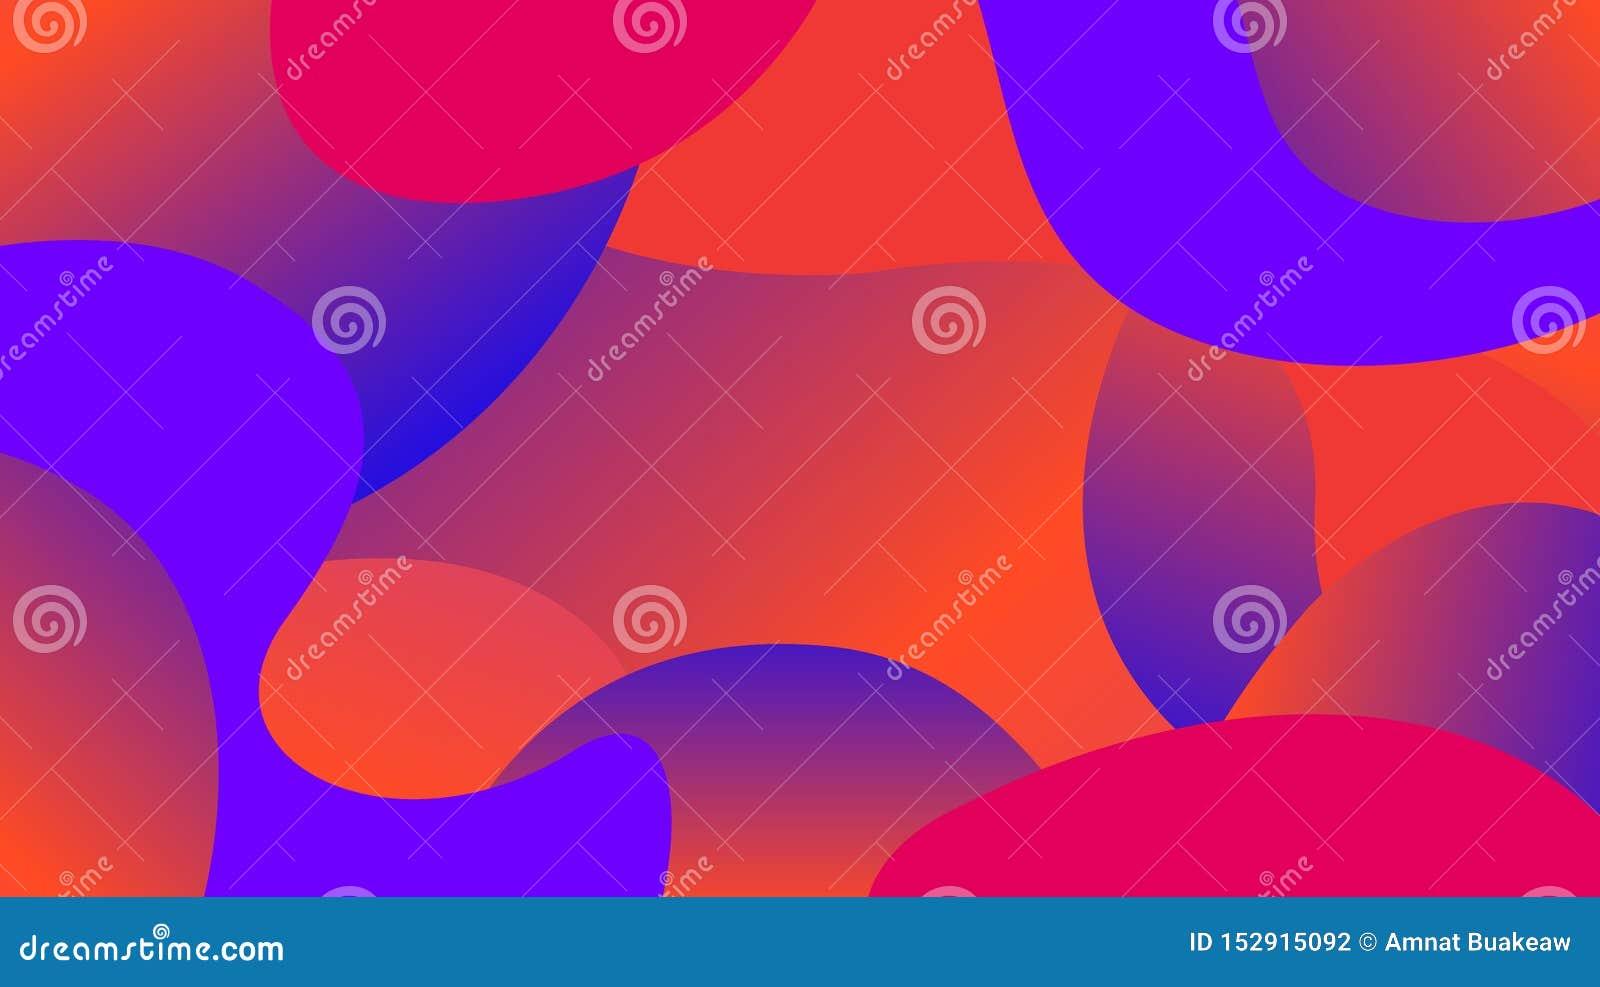 Pendiente colorida de las formas de la forma libre, endecha plana de la gota de la onda simple de la geometría, colores ondulados